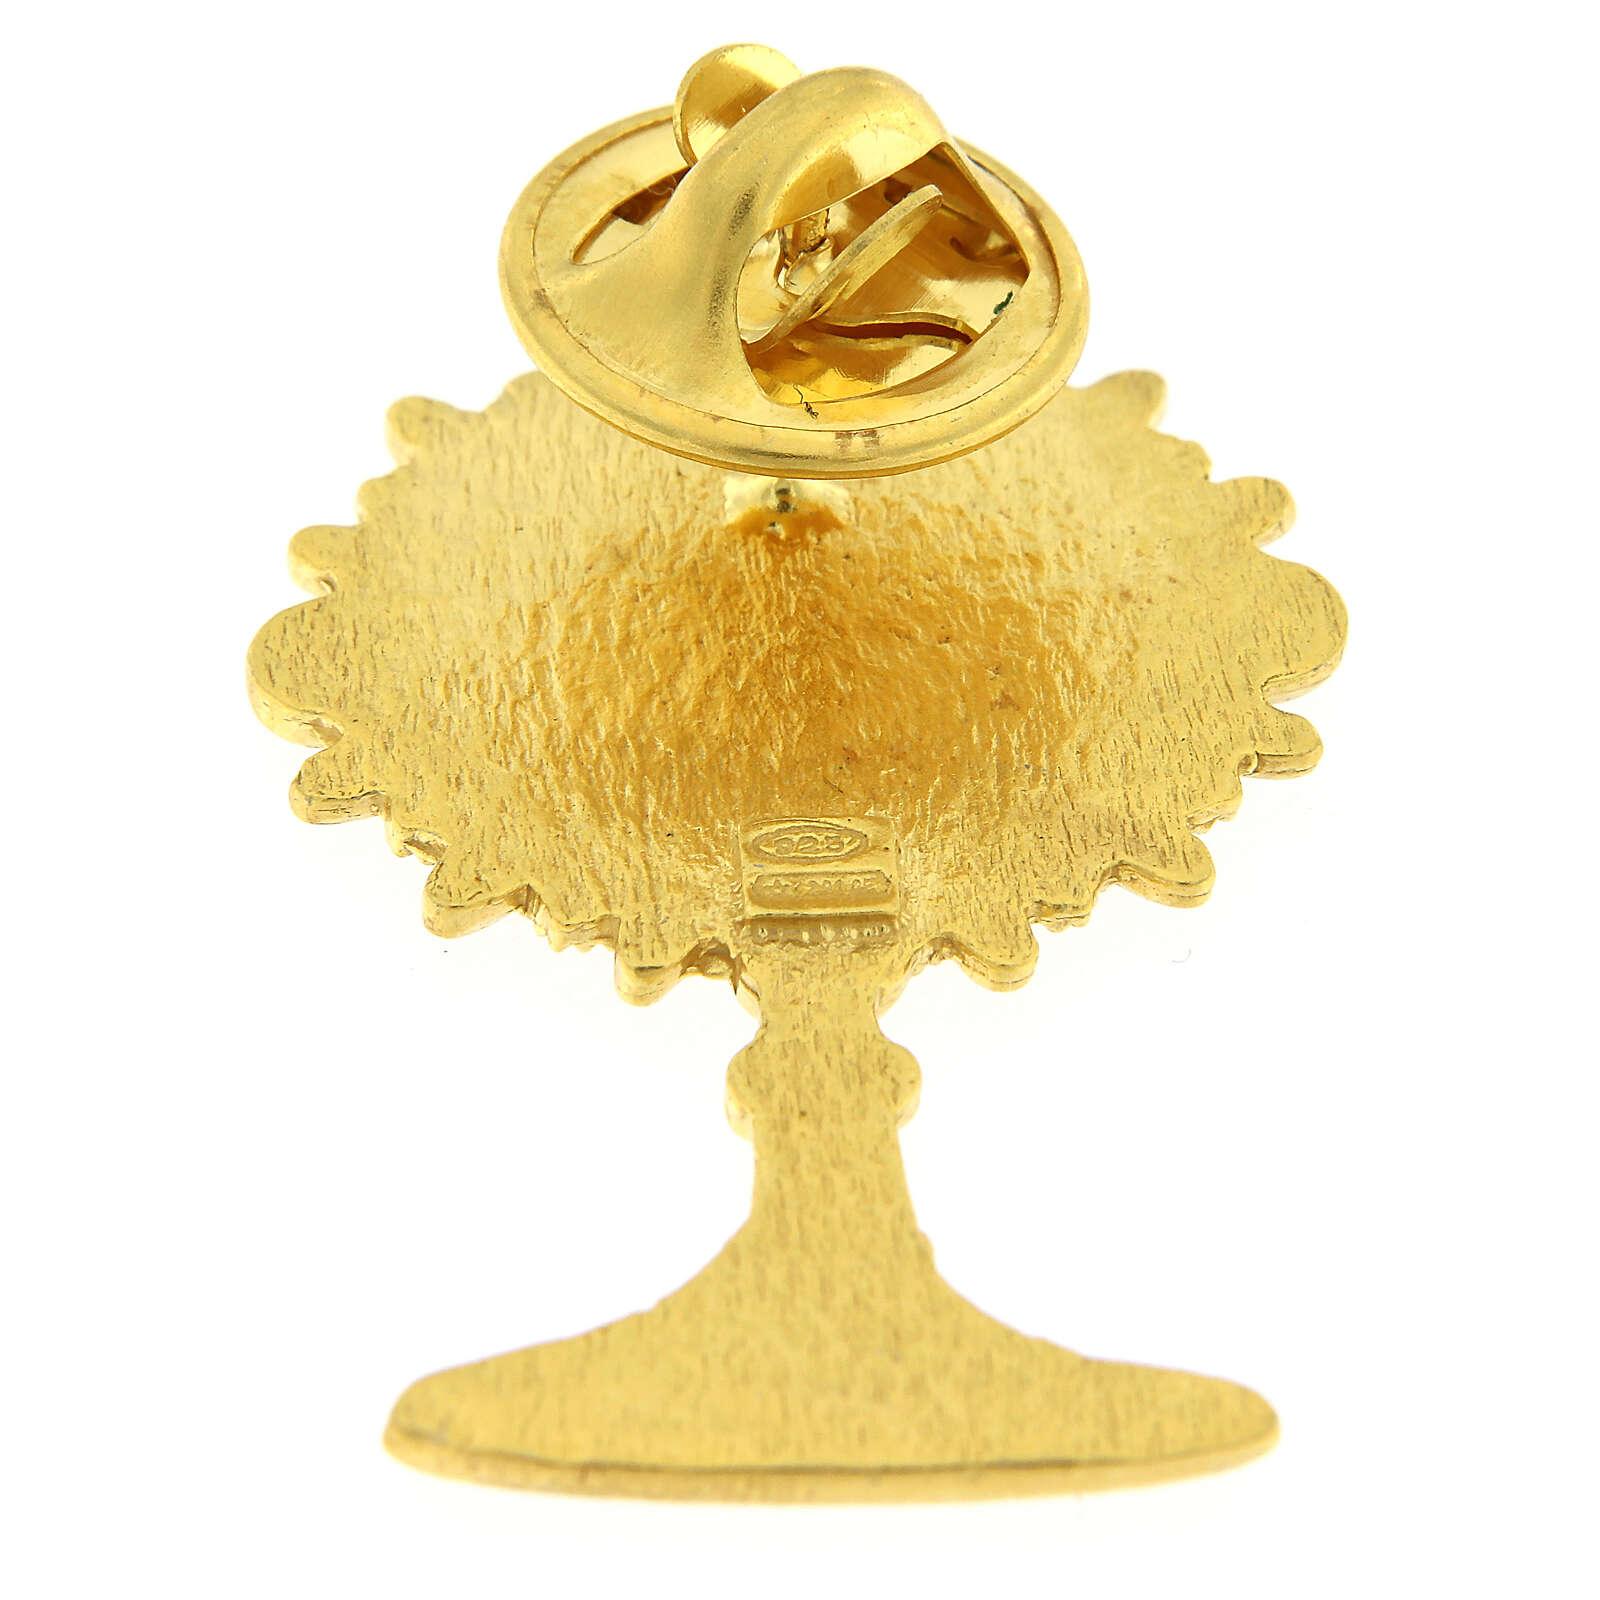 Broche ostensoir argent 925 doré émail blanc IHS 4